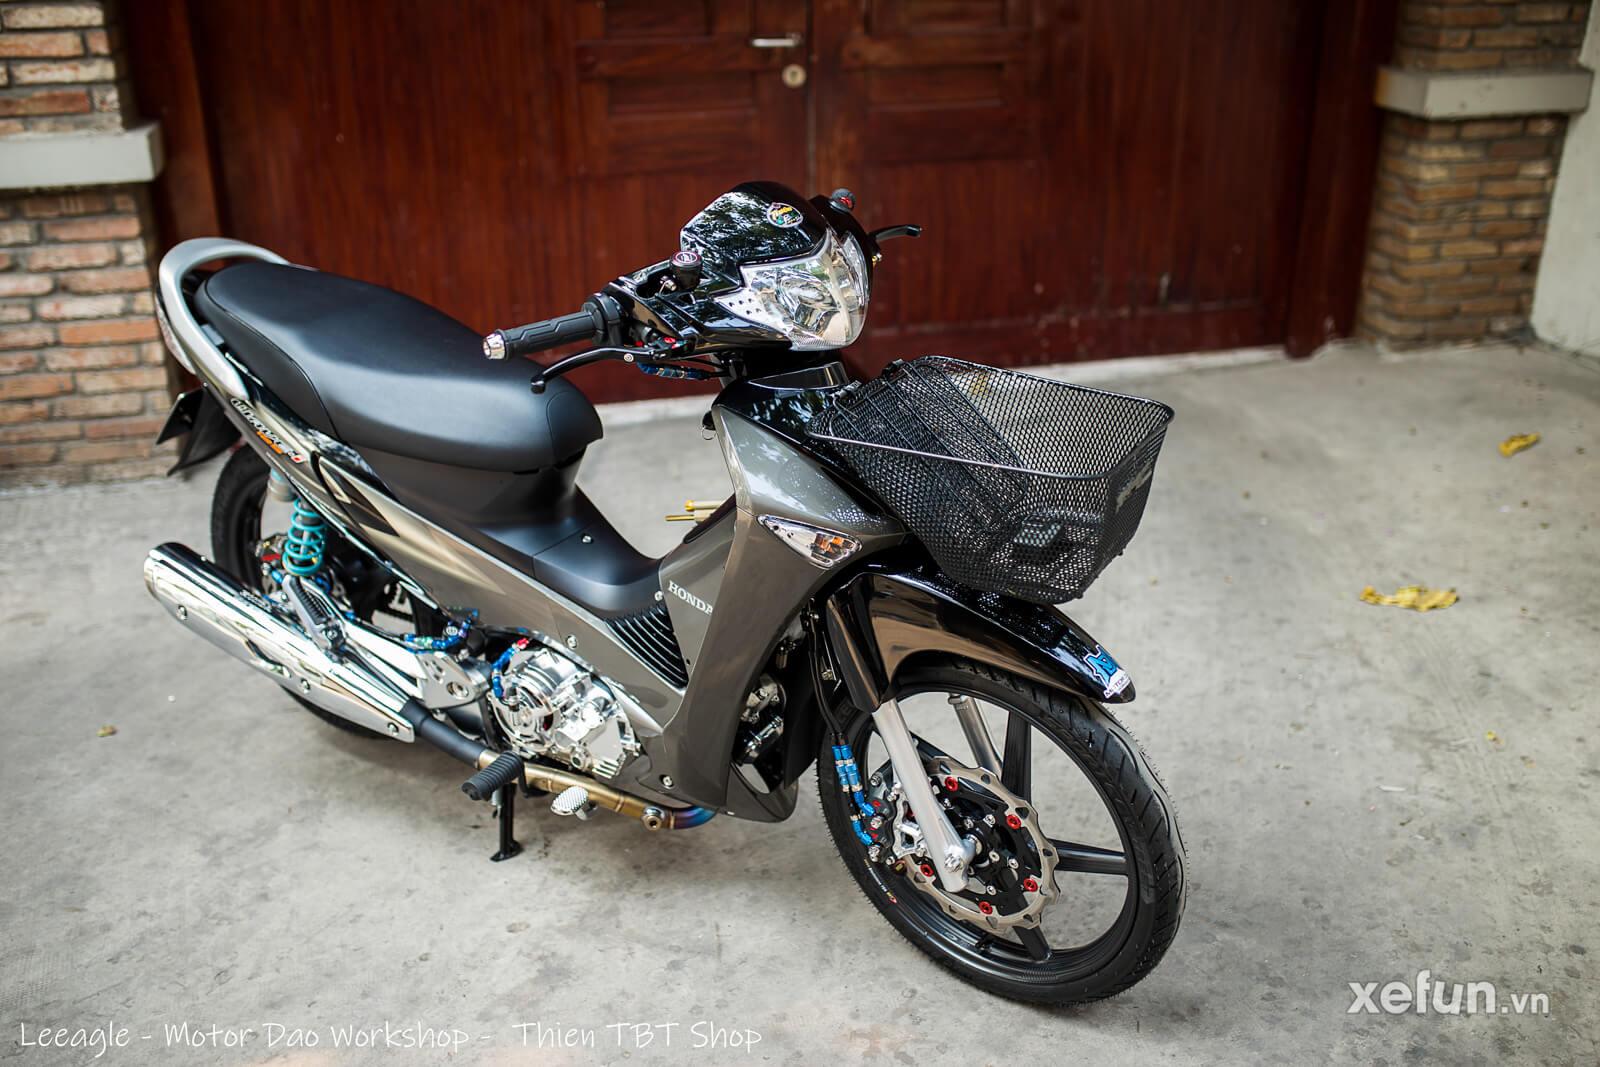 Honda Wave 125i độ tiền tỷ Motor Dạo - Xefun